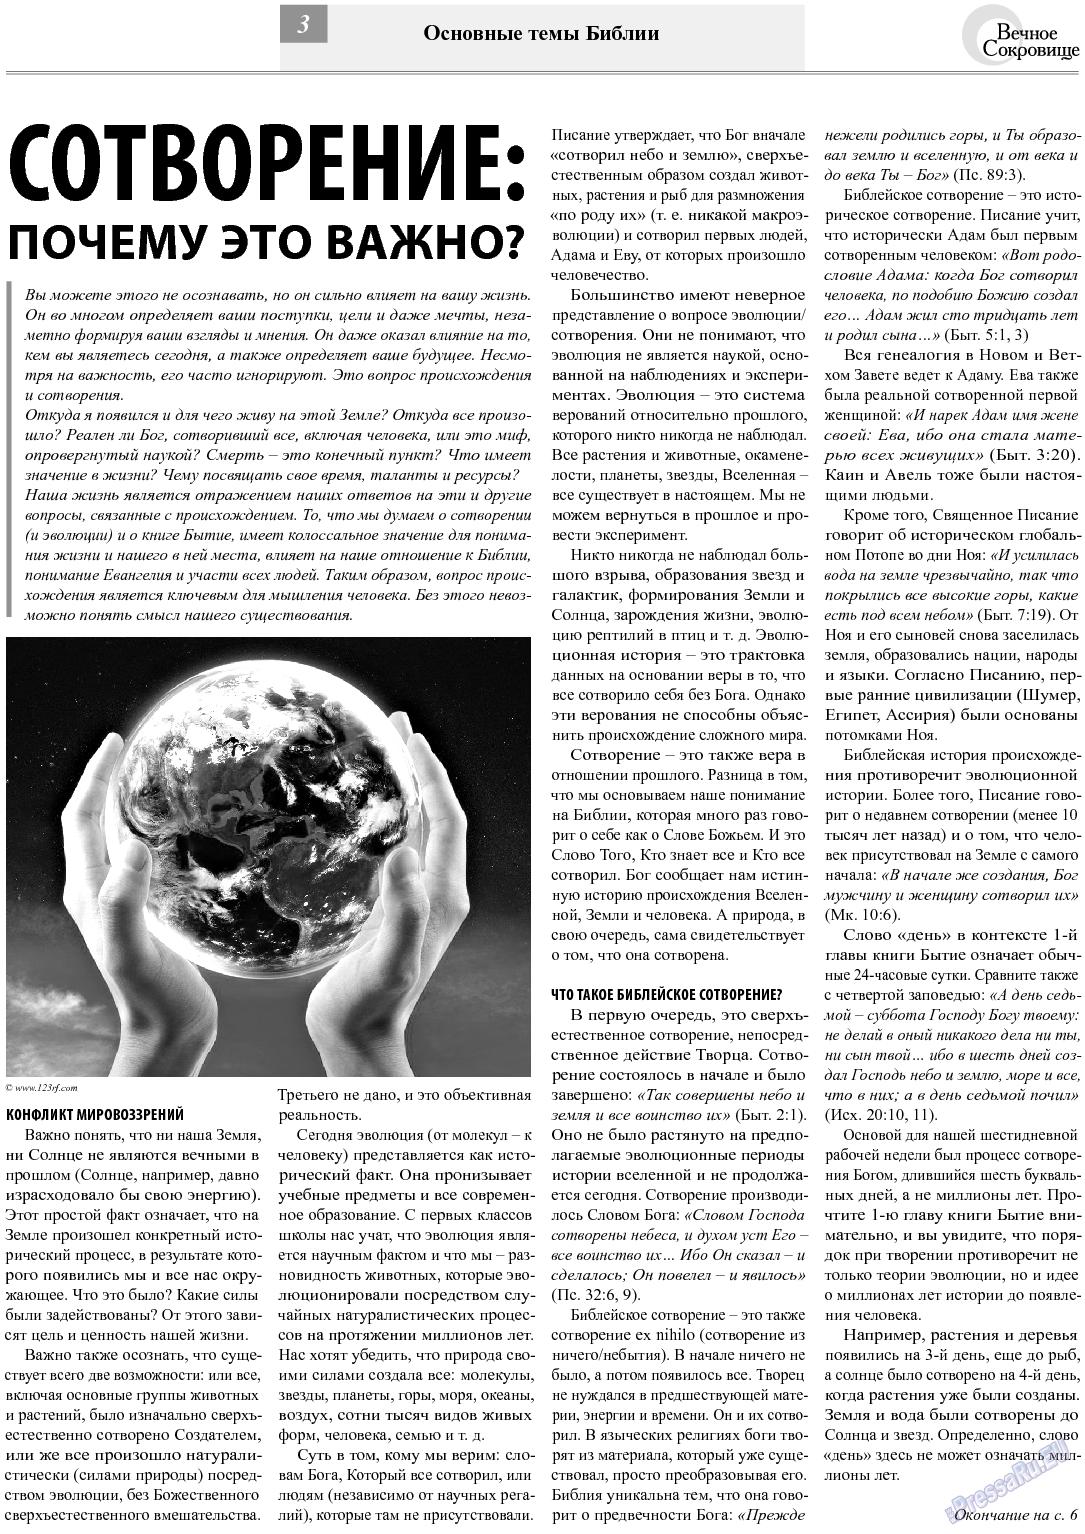 Вечное сокровище (газета). 2013 год, номер 5, стр. 3